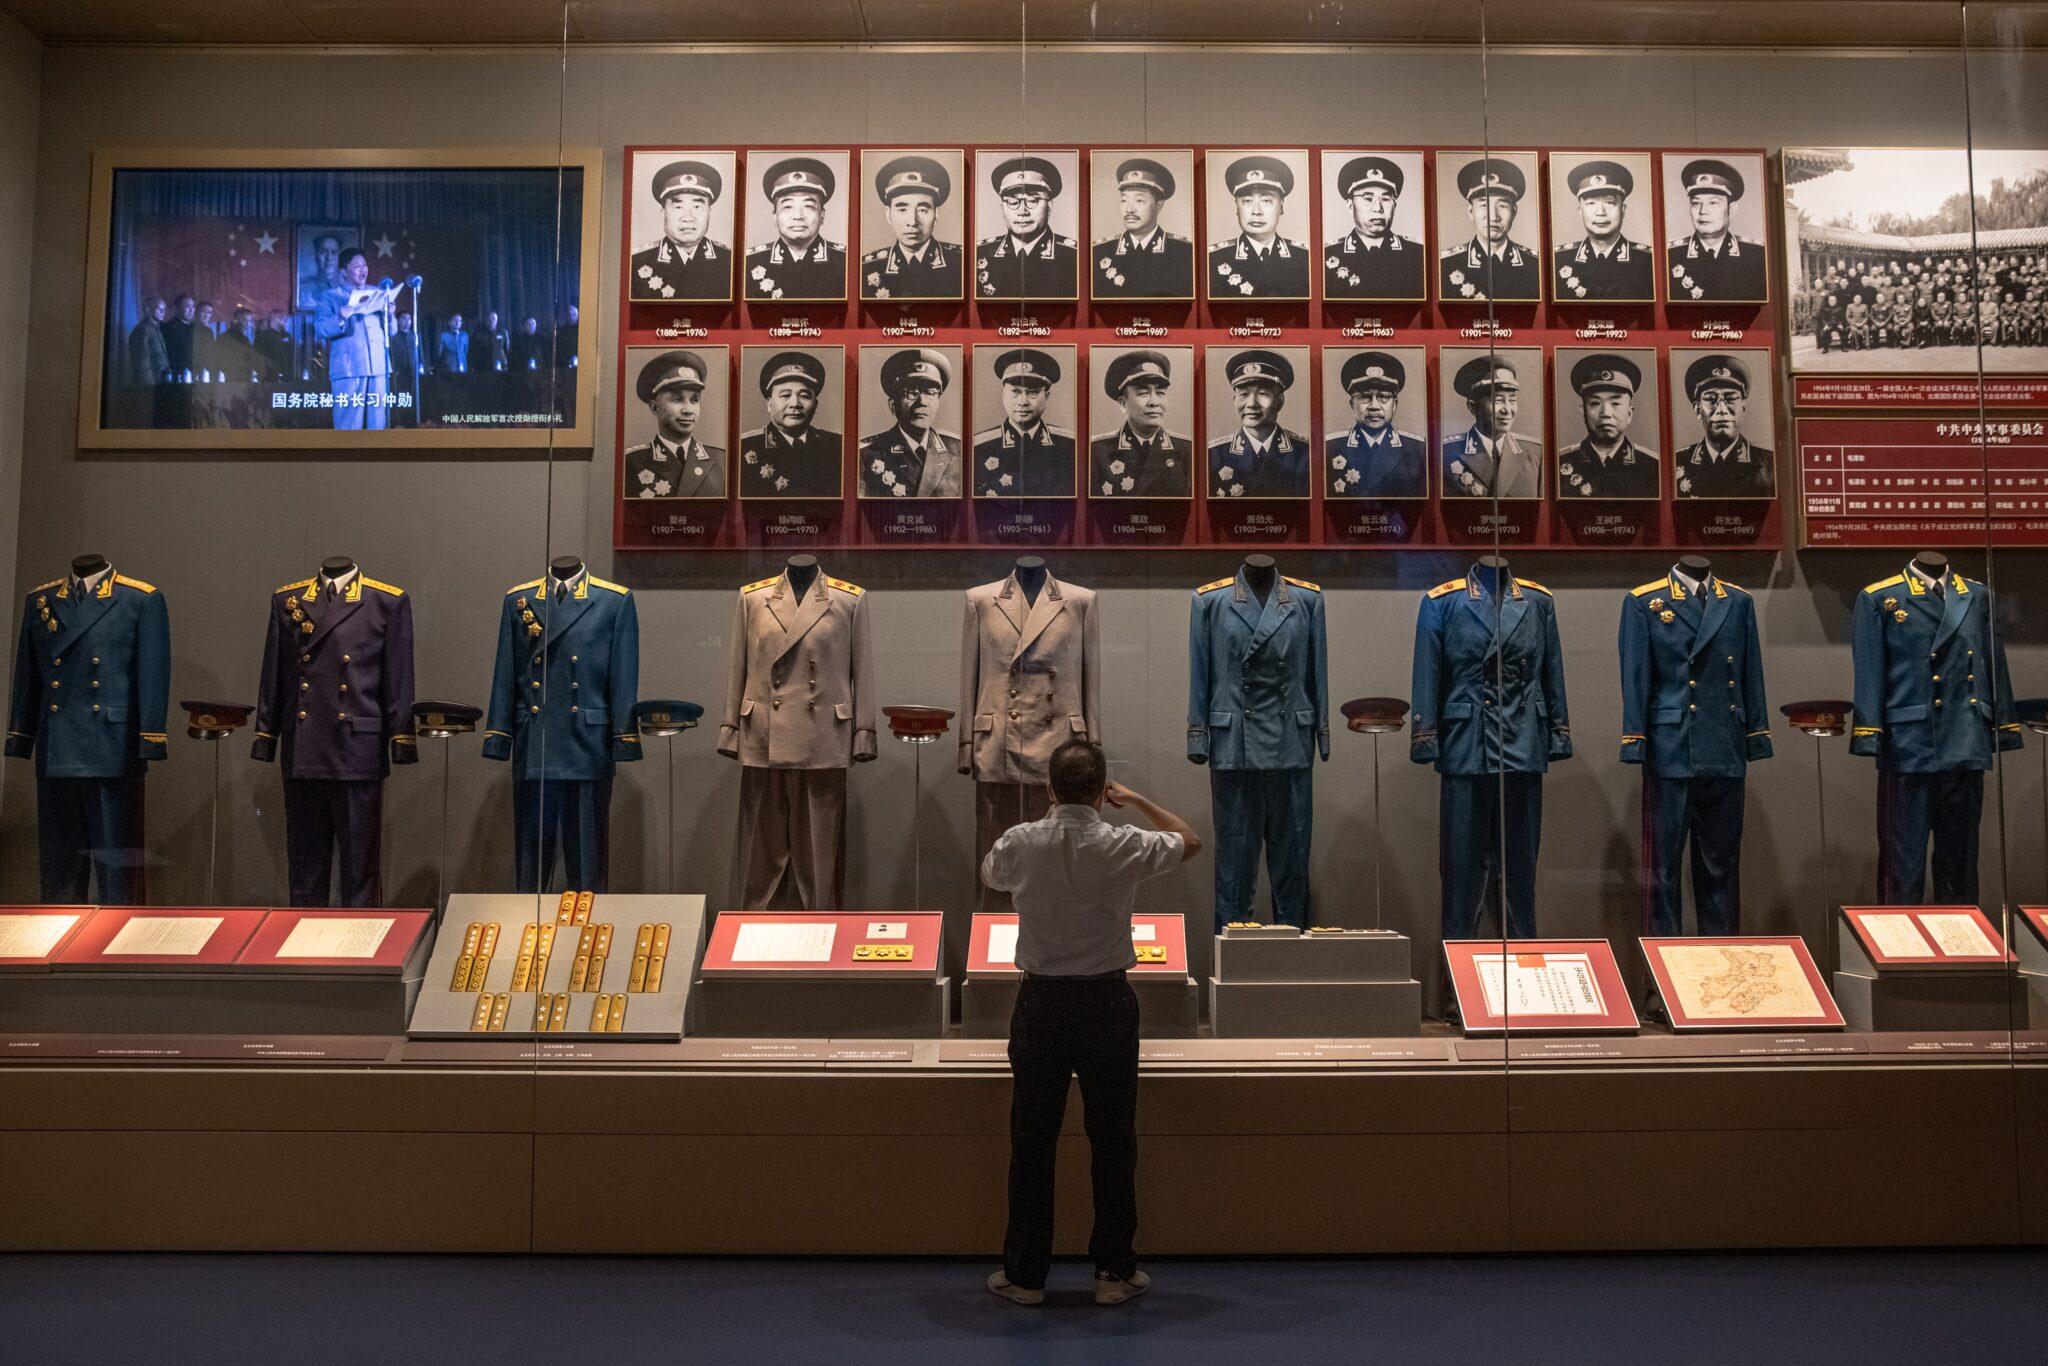 Visitante observa uniformes en el Museo del Partido Comunista de China en Pekín